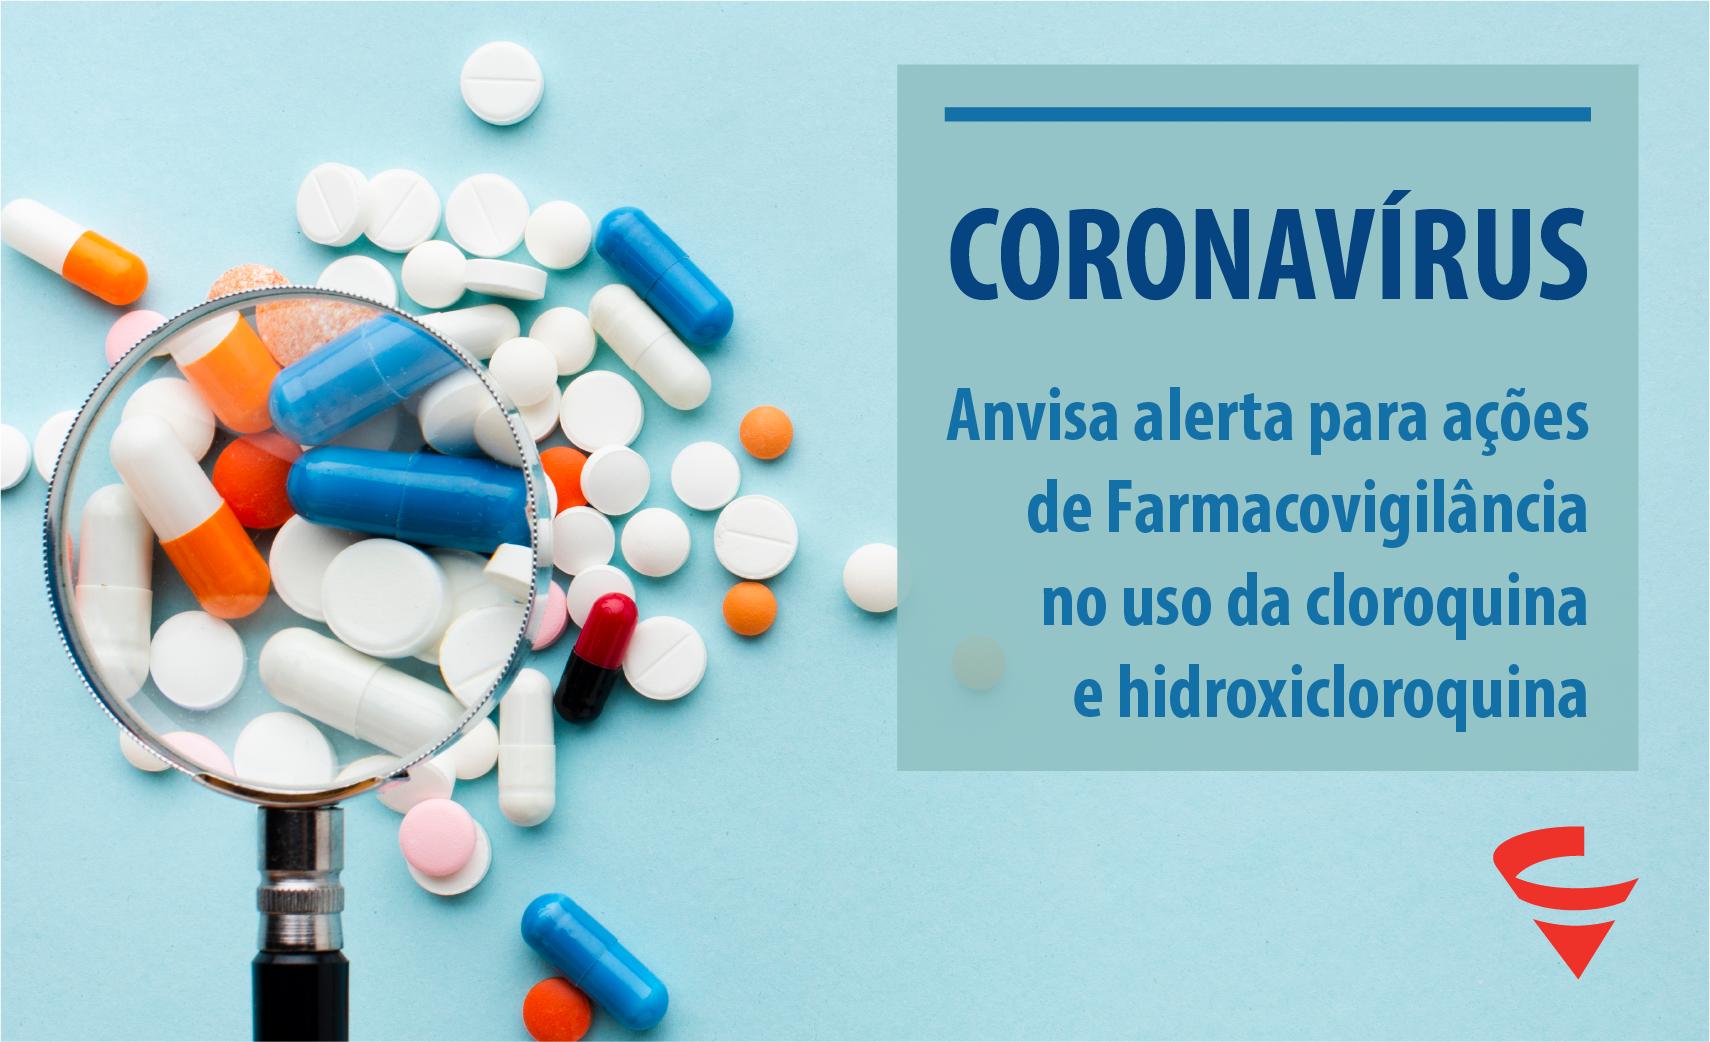 Anvisa alerta para ações de Farmacovigilância no uso da cloroquina e hidroxicloroquina